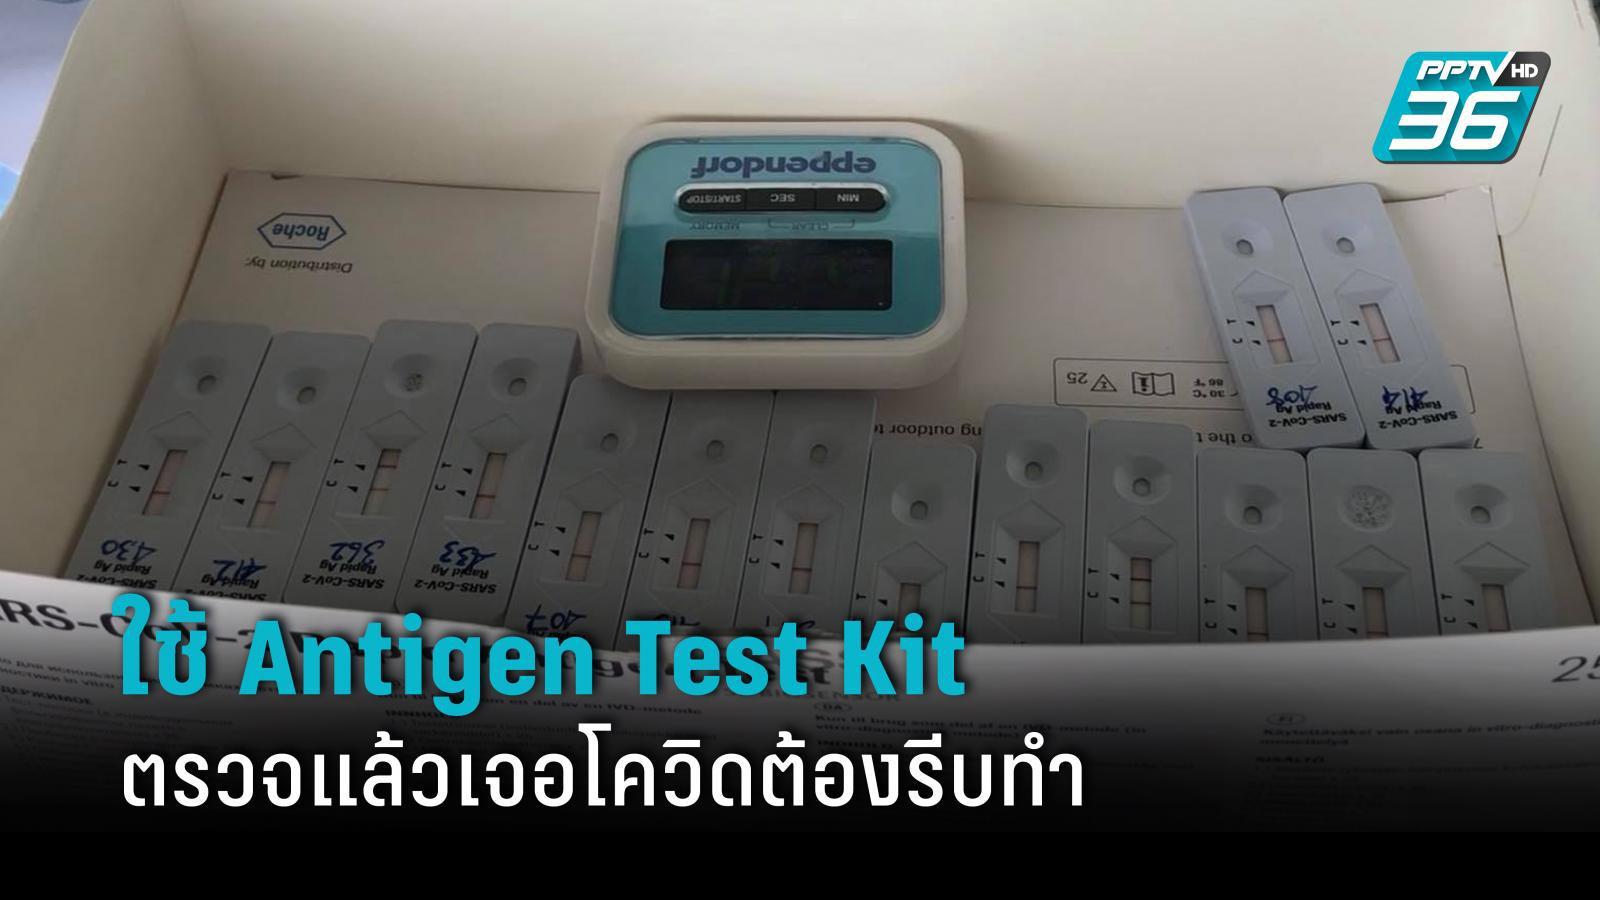 เมื่อใช้ Antigen Test Kit ตรวจแล้วเจอโควิดต้องรีบทำ